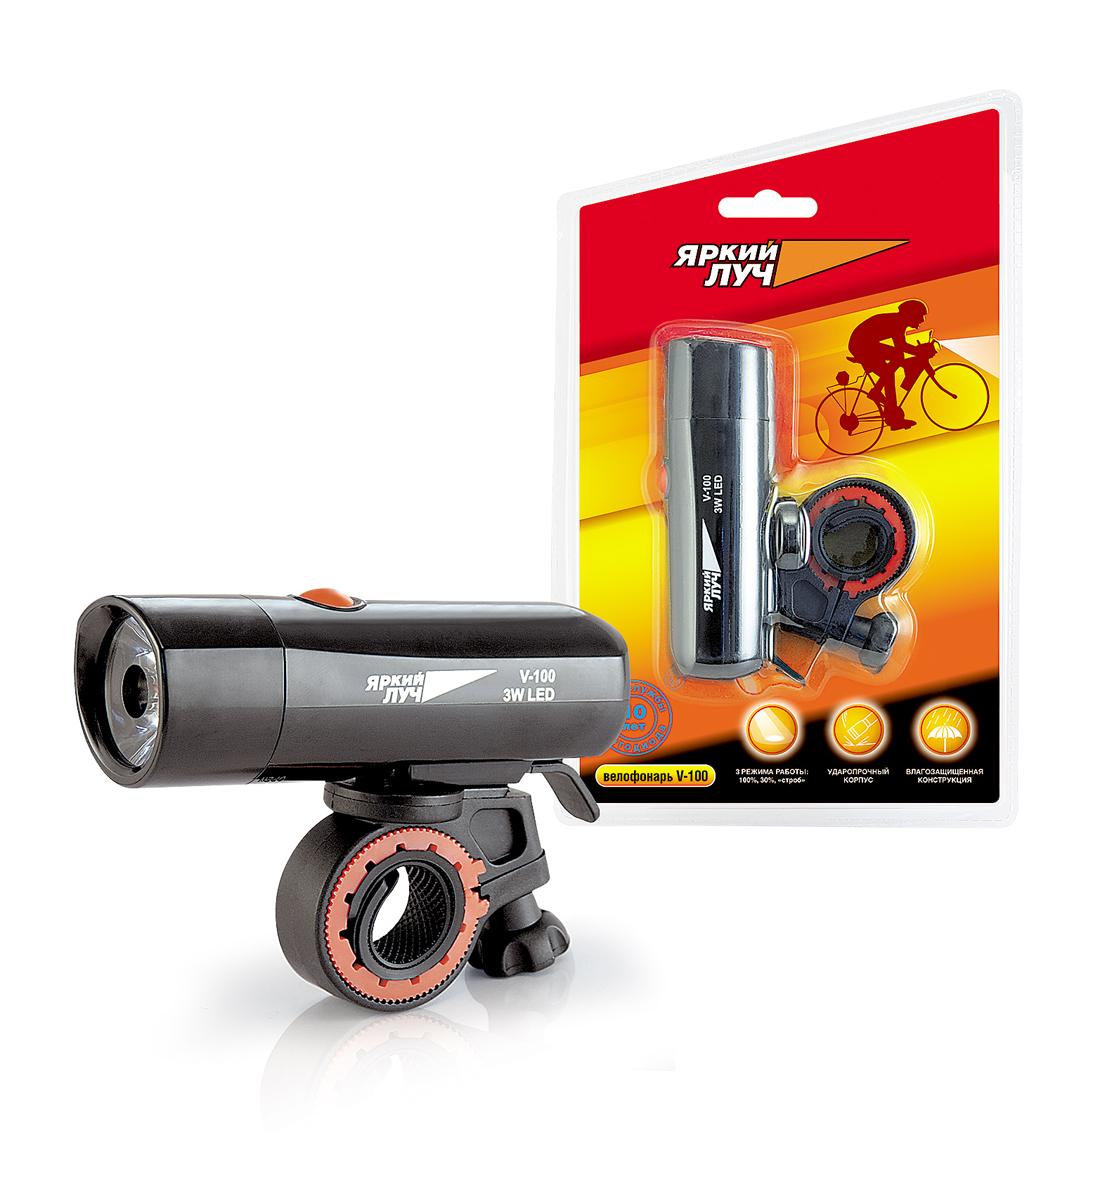 Фонарь велосипедный Яркий Луч, цвет: черныйV-100Фонарь Яркий Луч, выполненный из пластика, предназначен для комфортной и безопасной езды на велосипеде в любое время суток. Изделие имеет три режима работы: 100% (100 лм), 30% (30 лм) и строб.Оптическая система фонаря (коллиматорная линза) позволит комфортно перемещаться на средней скорости в полной темноте, своевременно обозначая ямы и неровности дорог, а режим строб поможет обезопасить езду в светлое время суток. Источник света: яркий светодиод (3 Вт).Конструктивная особенность: поворот фонаря относительно крепления на 360°.В комплекте поставляется крепление на руль. Элементы питания: 4 батарейки типа ААА (R03) - в комплект не входят.